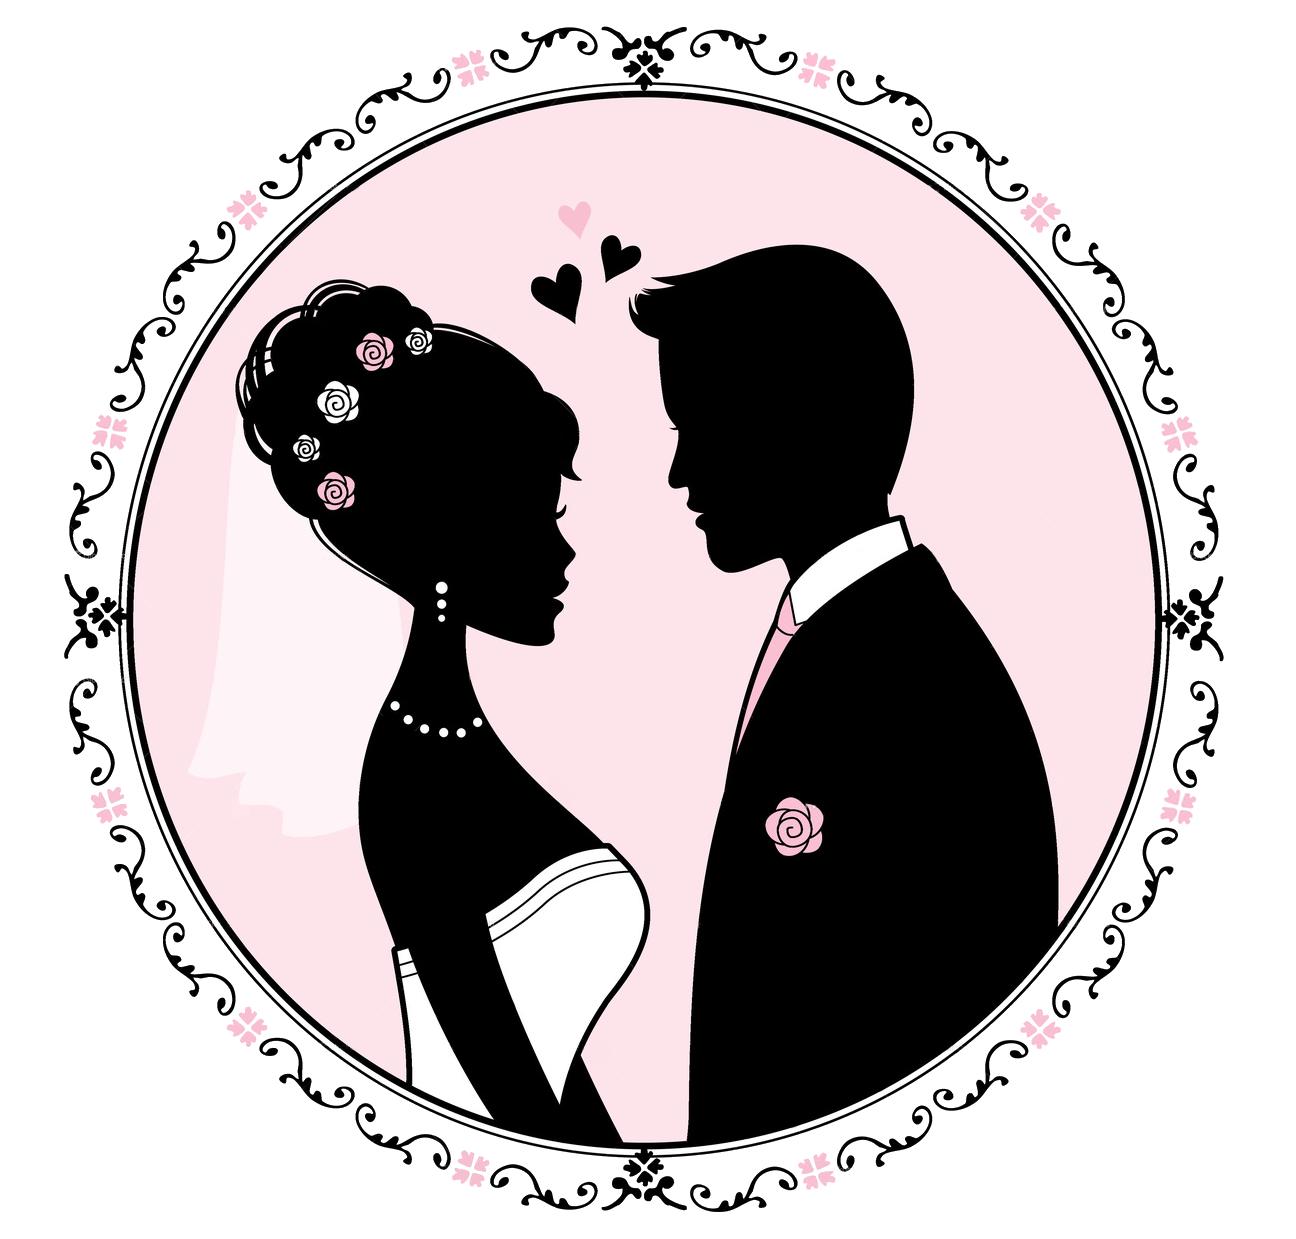 интерьер, разглядите шаблоны жениха и невесты для открытки шапки, пожалуй, наиболее